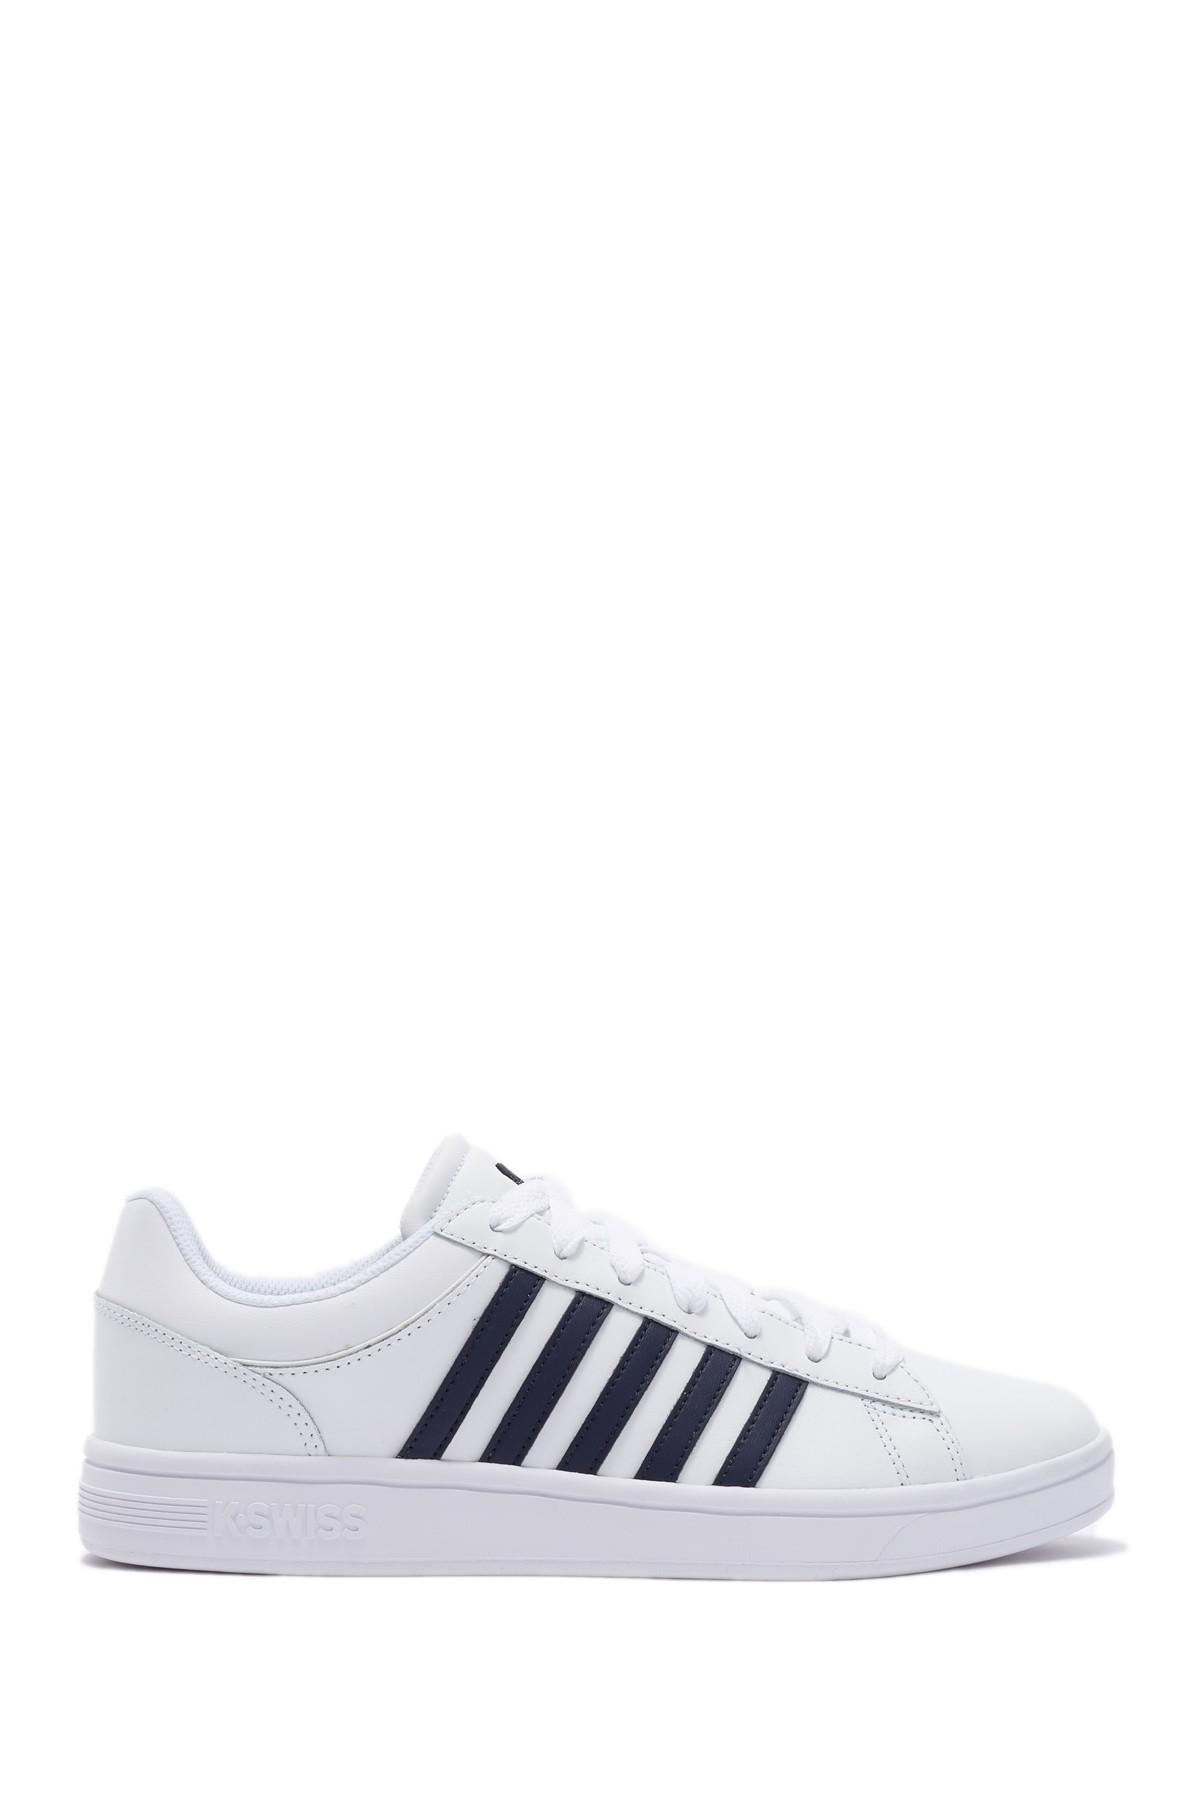 d42674f498a3 ... White Court Winston Sneaker for Men - Lyst. View fullscreen